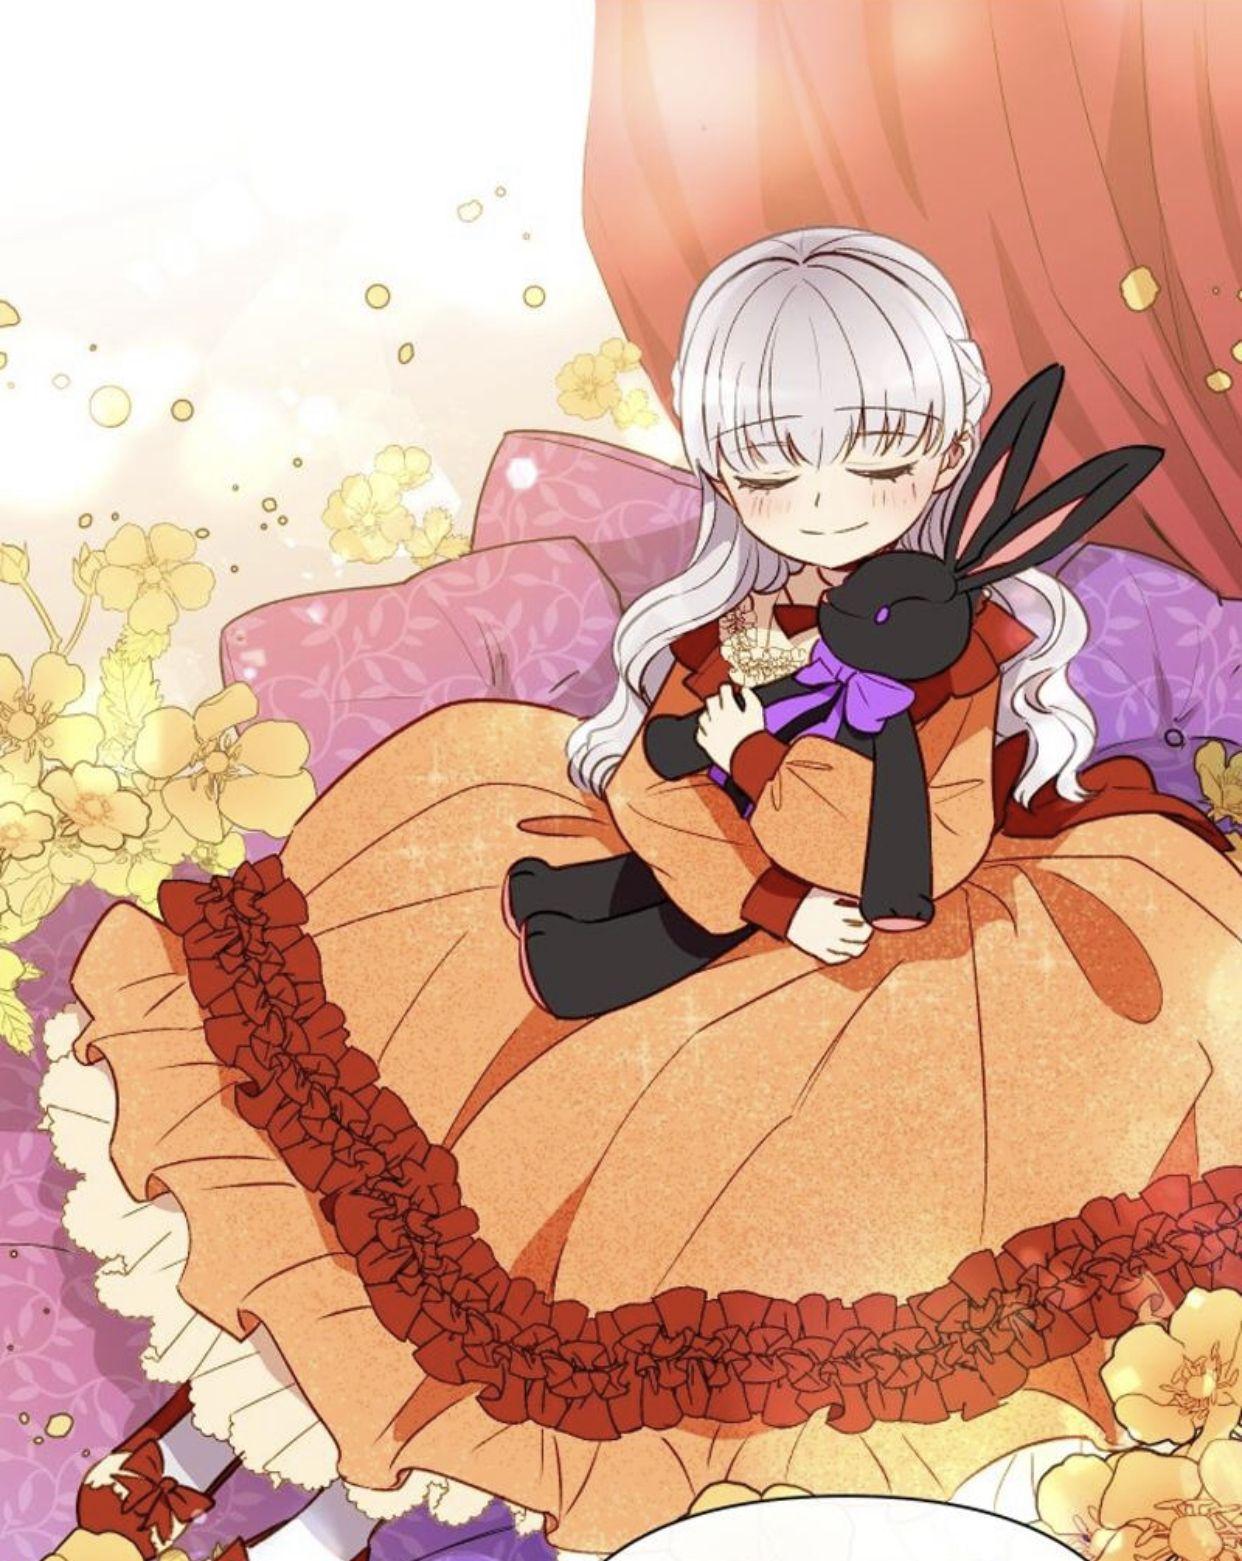 Chap 28 Anime, Anime Anime shows